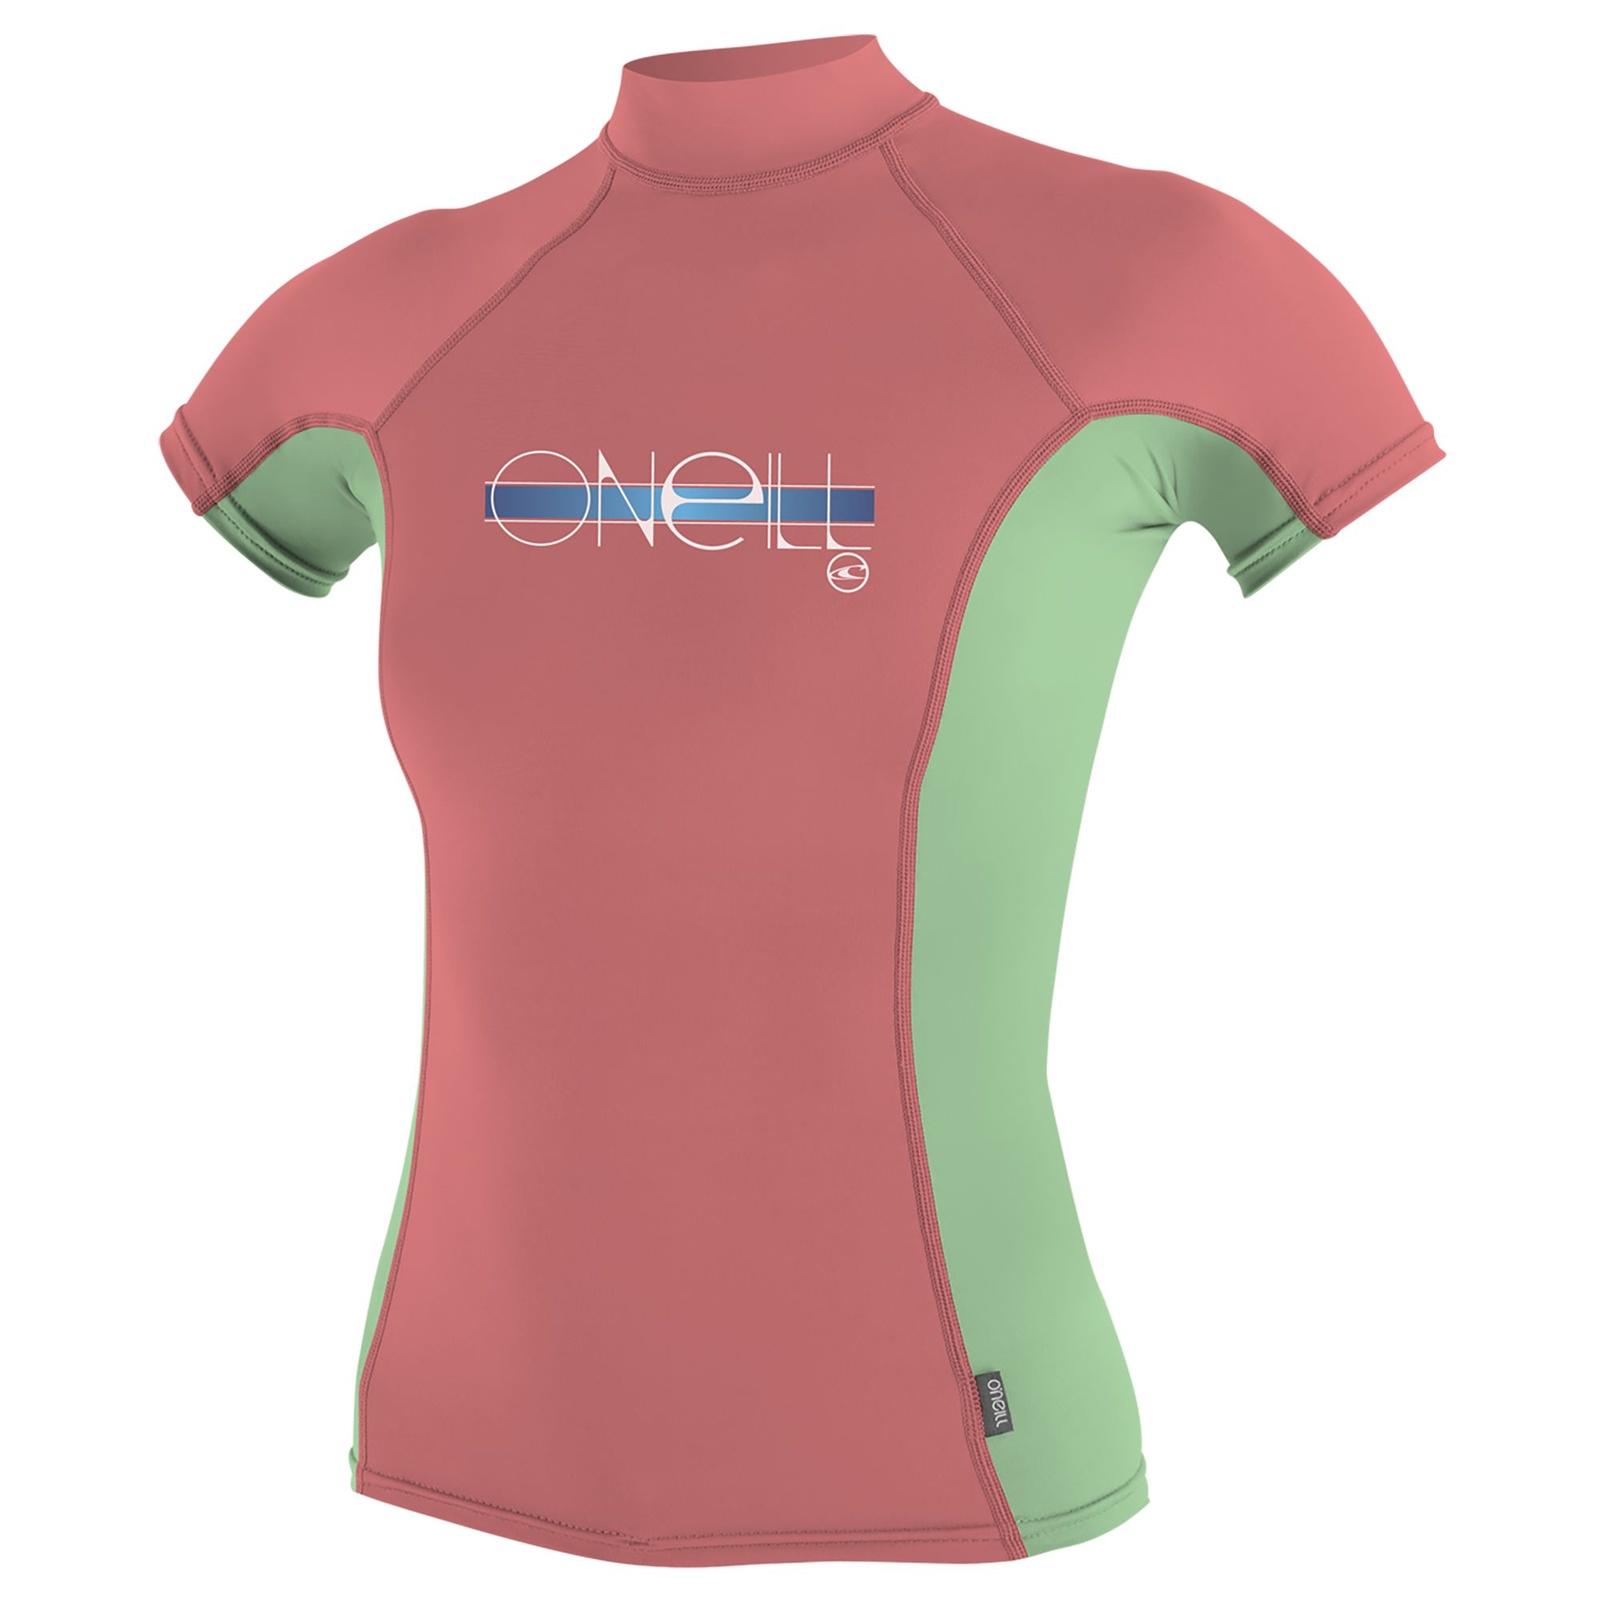 Гидрокостюм ONEILL ONEILL-4521, зеленый